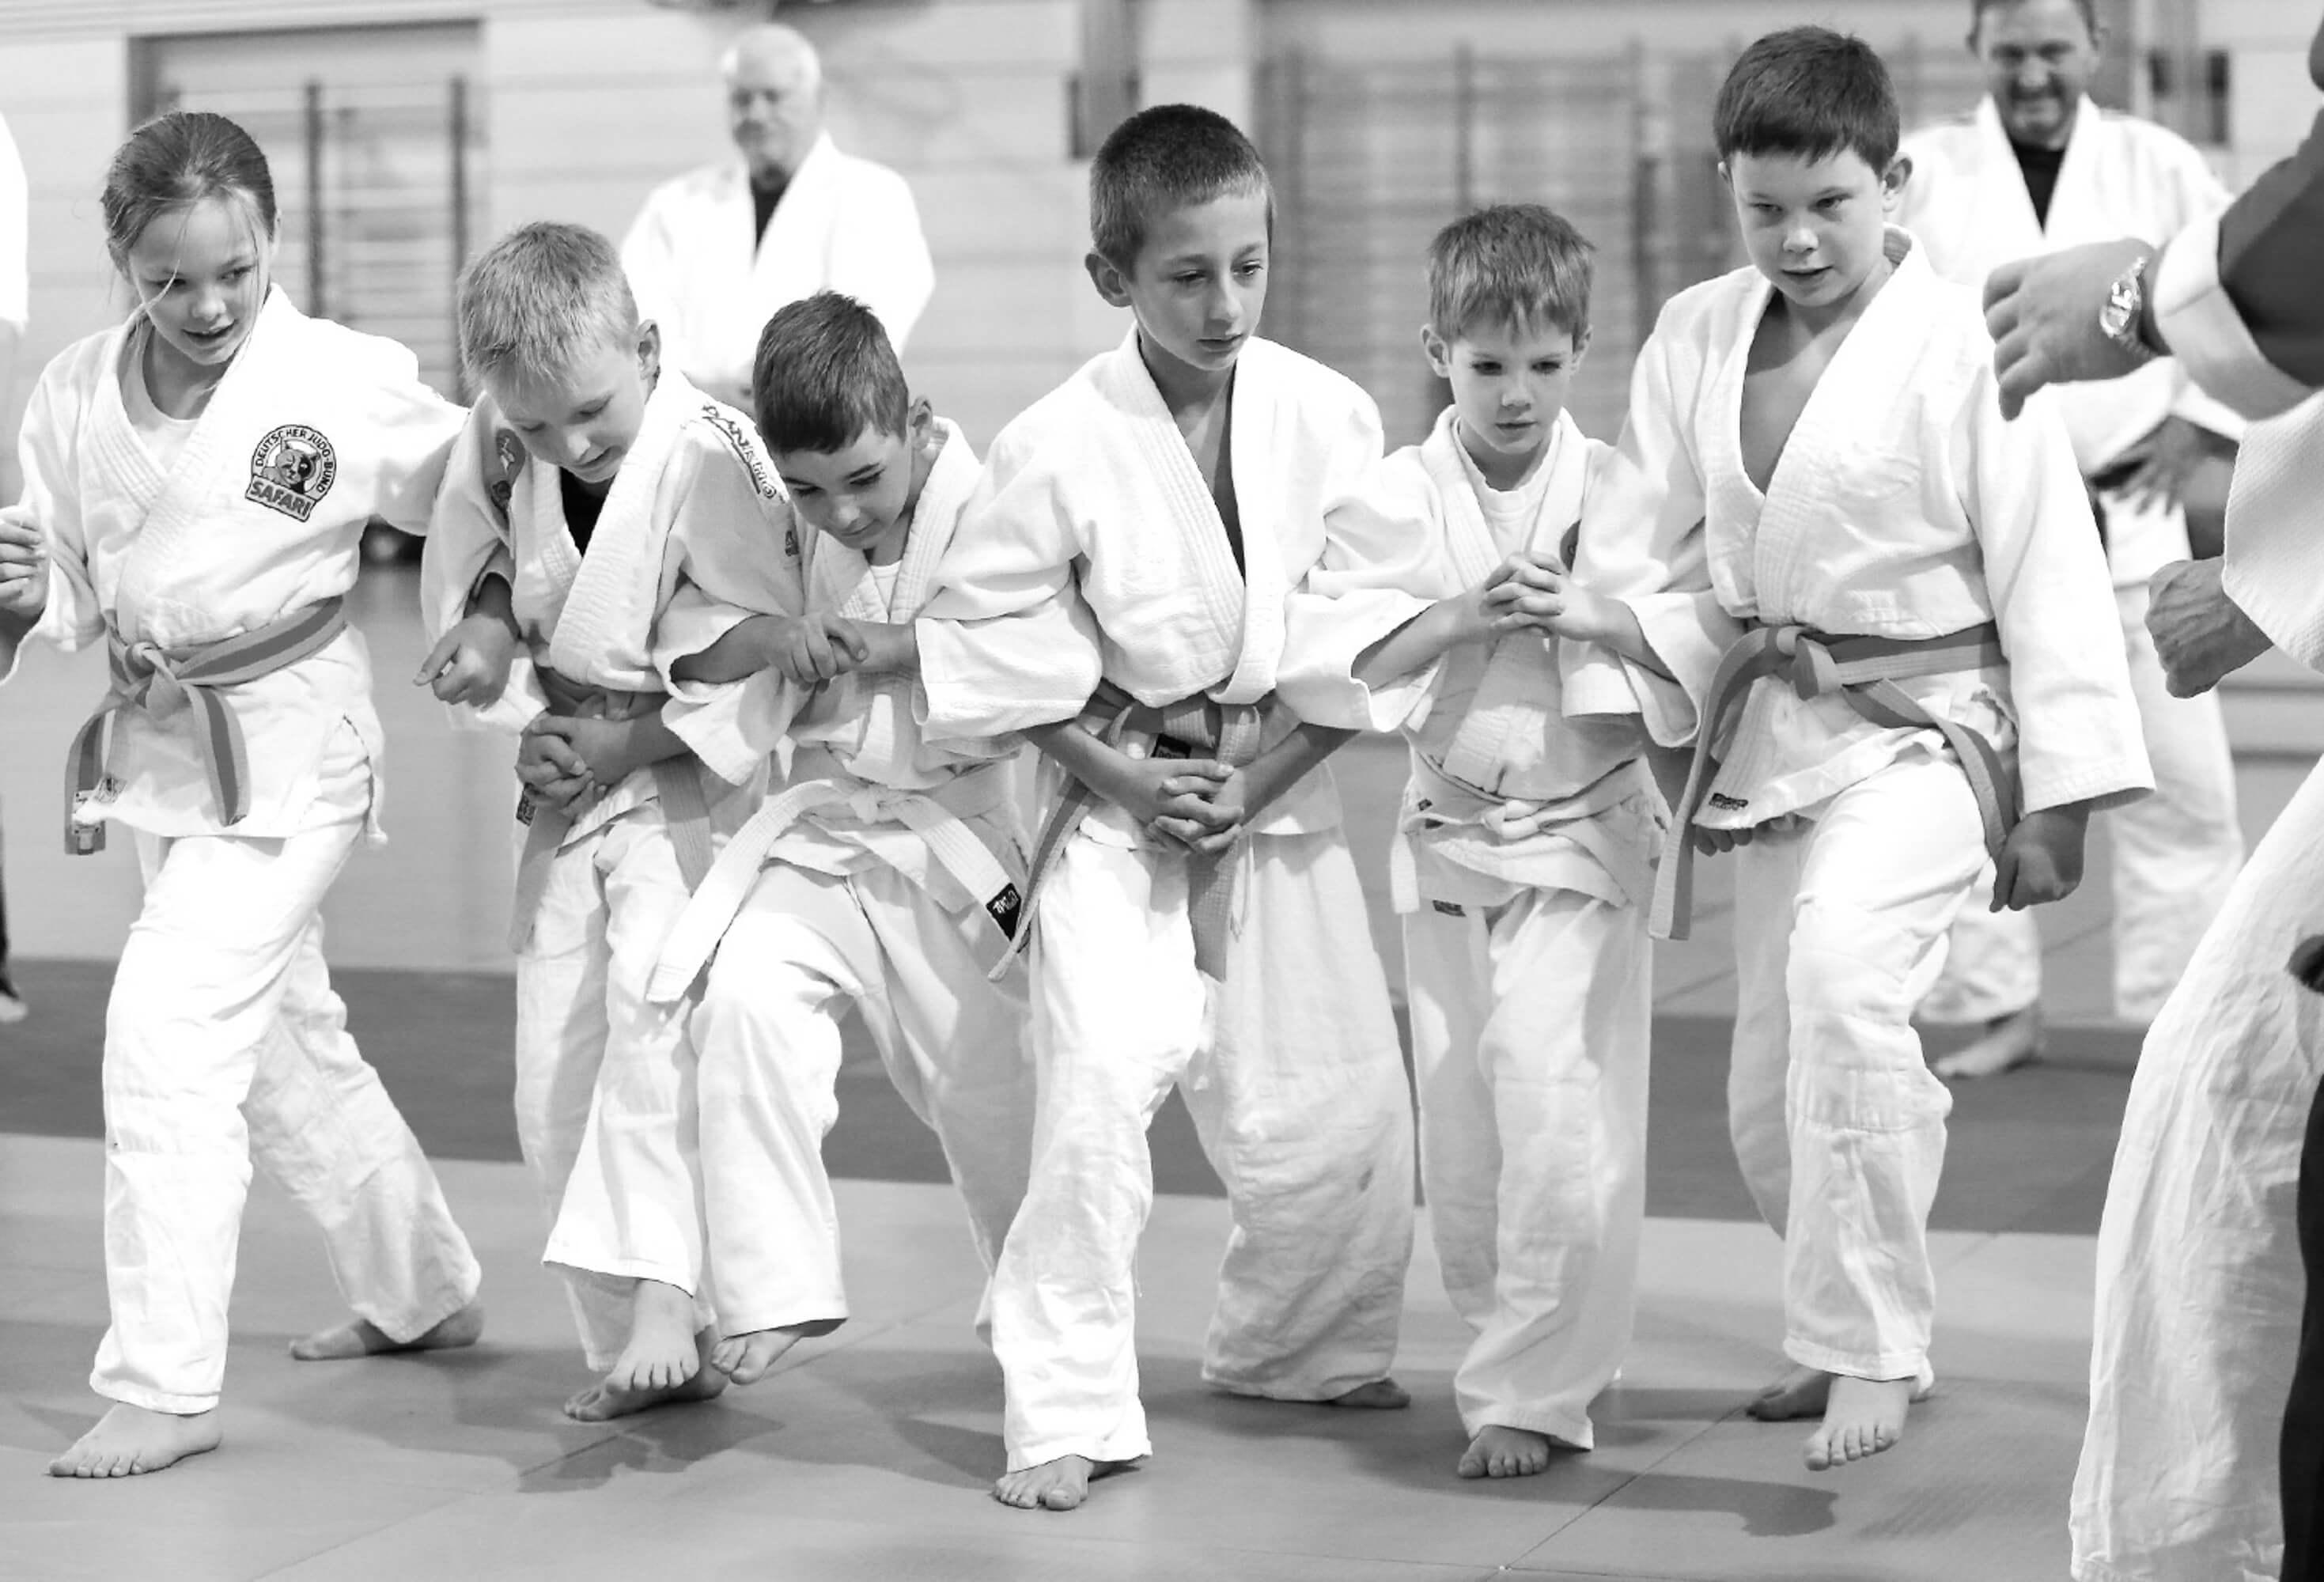 squash-wellness-judo